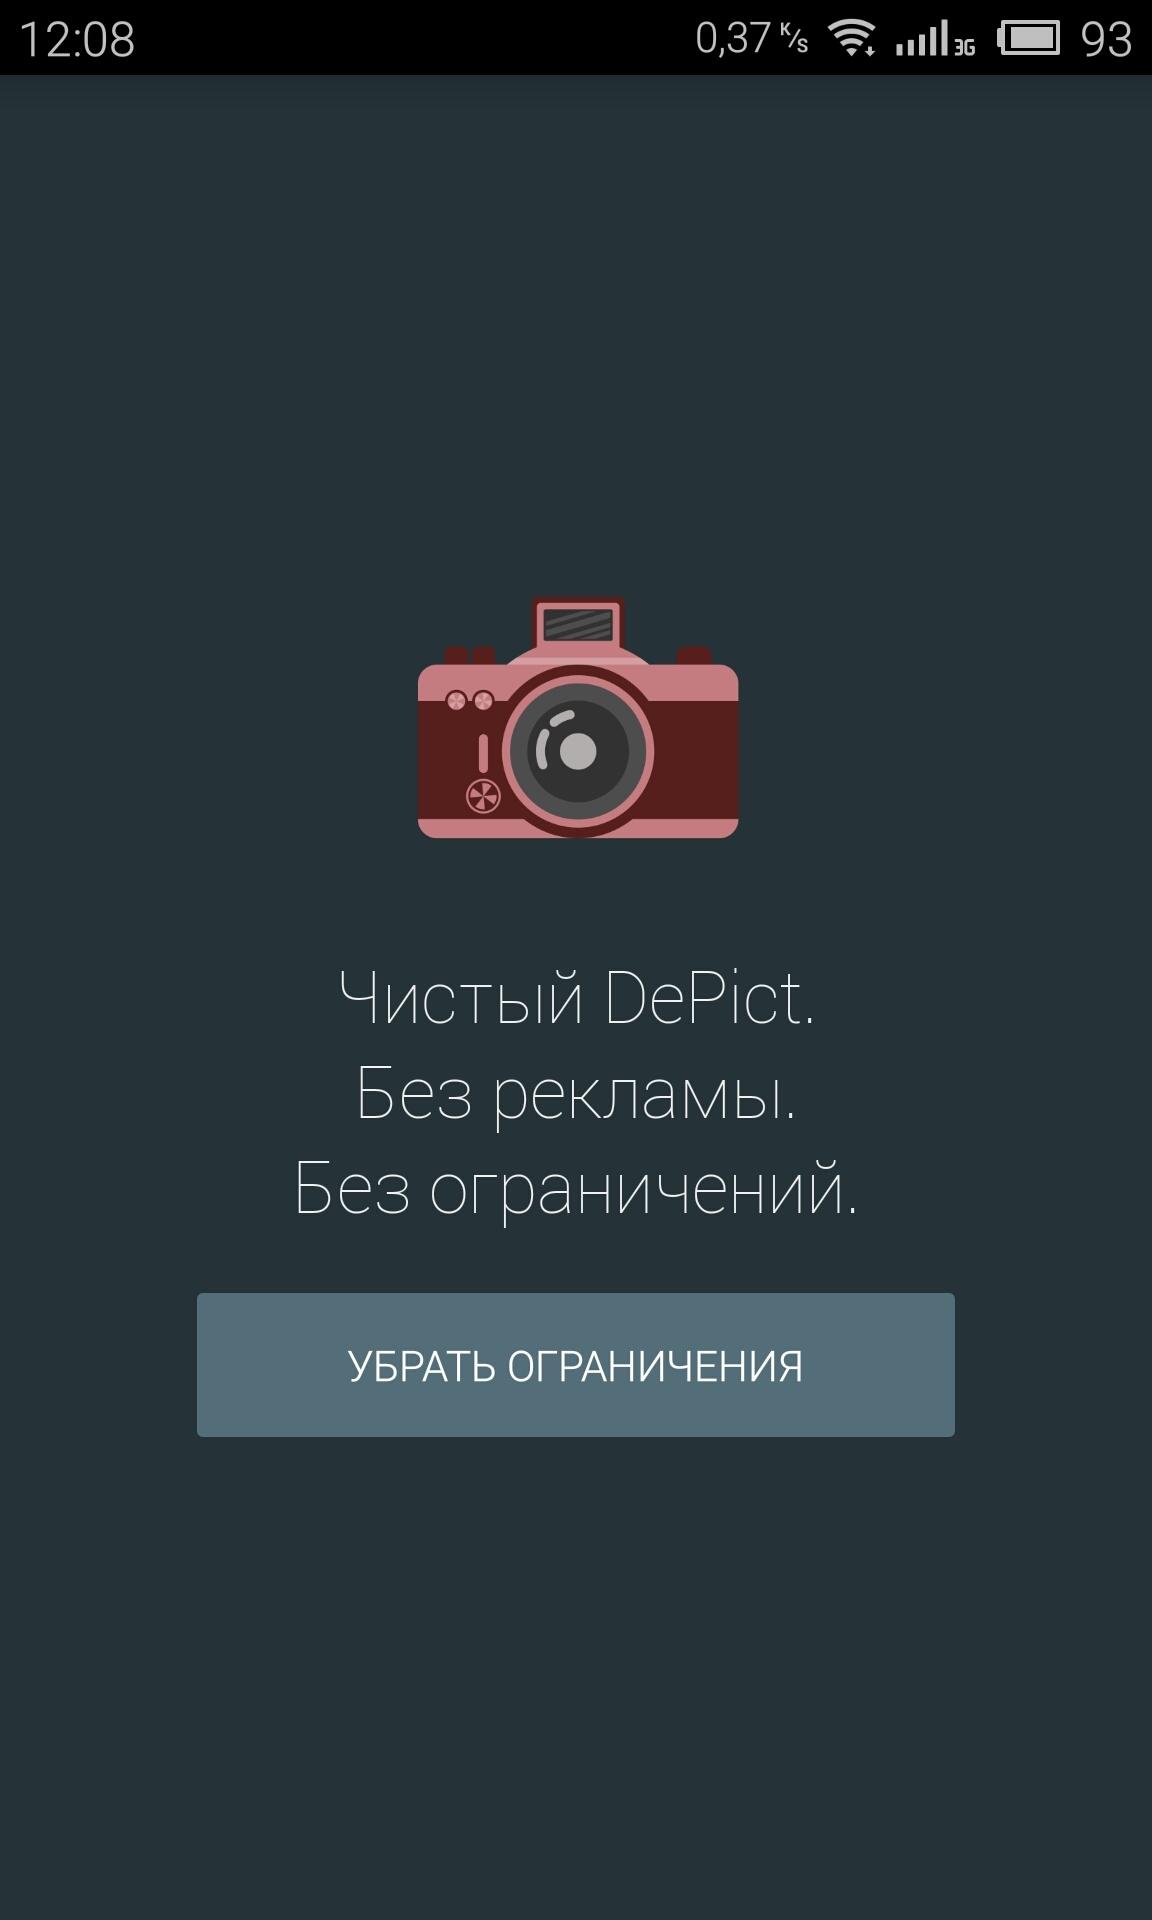 b_55559b894526a.jpg